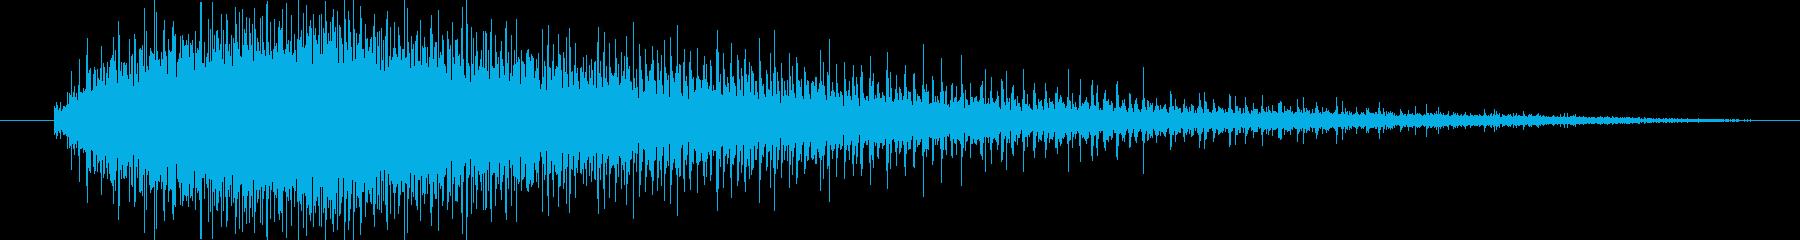 機械 ジグソーエンジン高速中長04の再生済みの波形